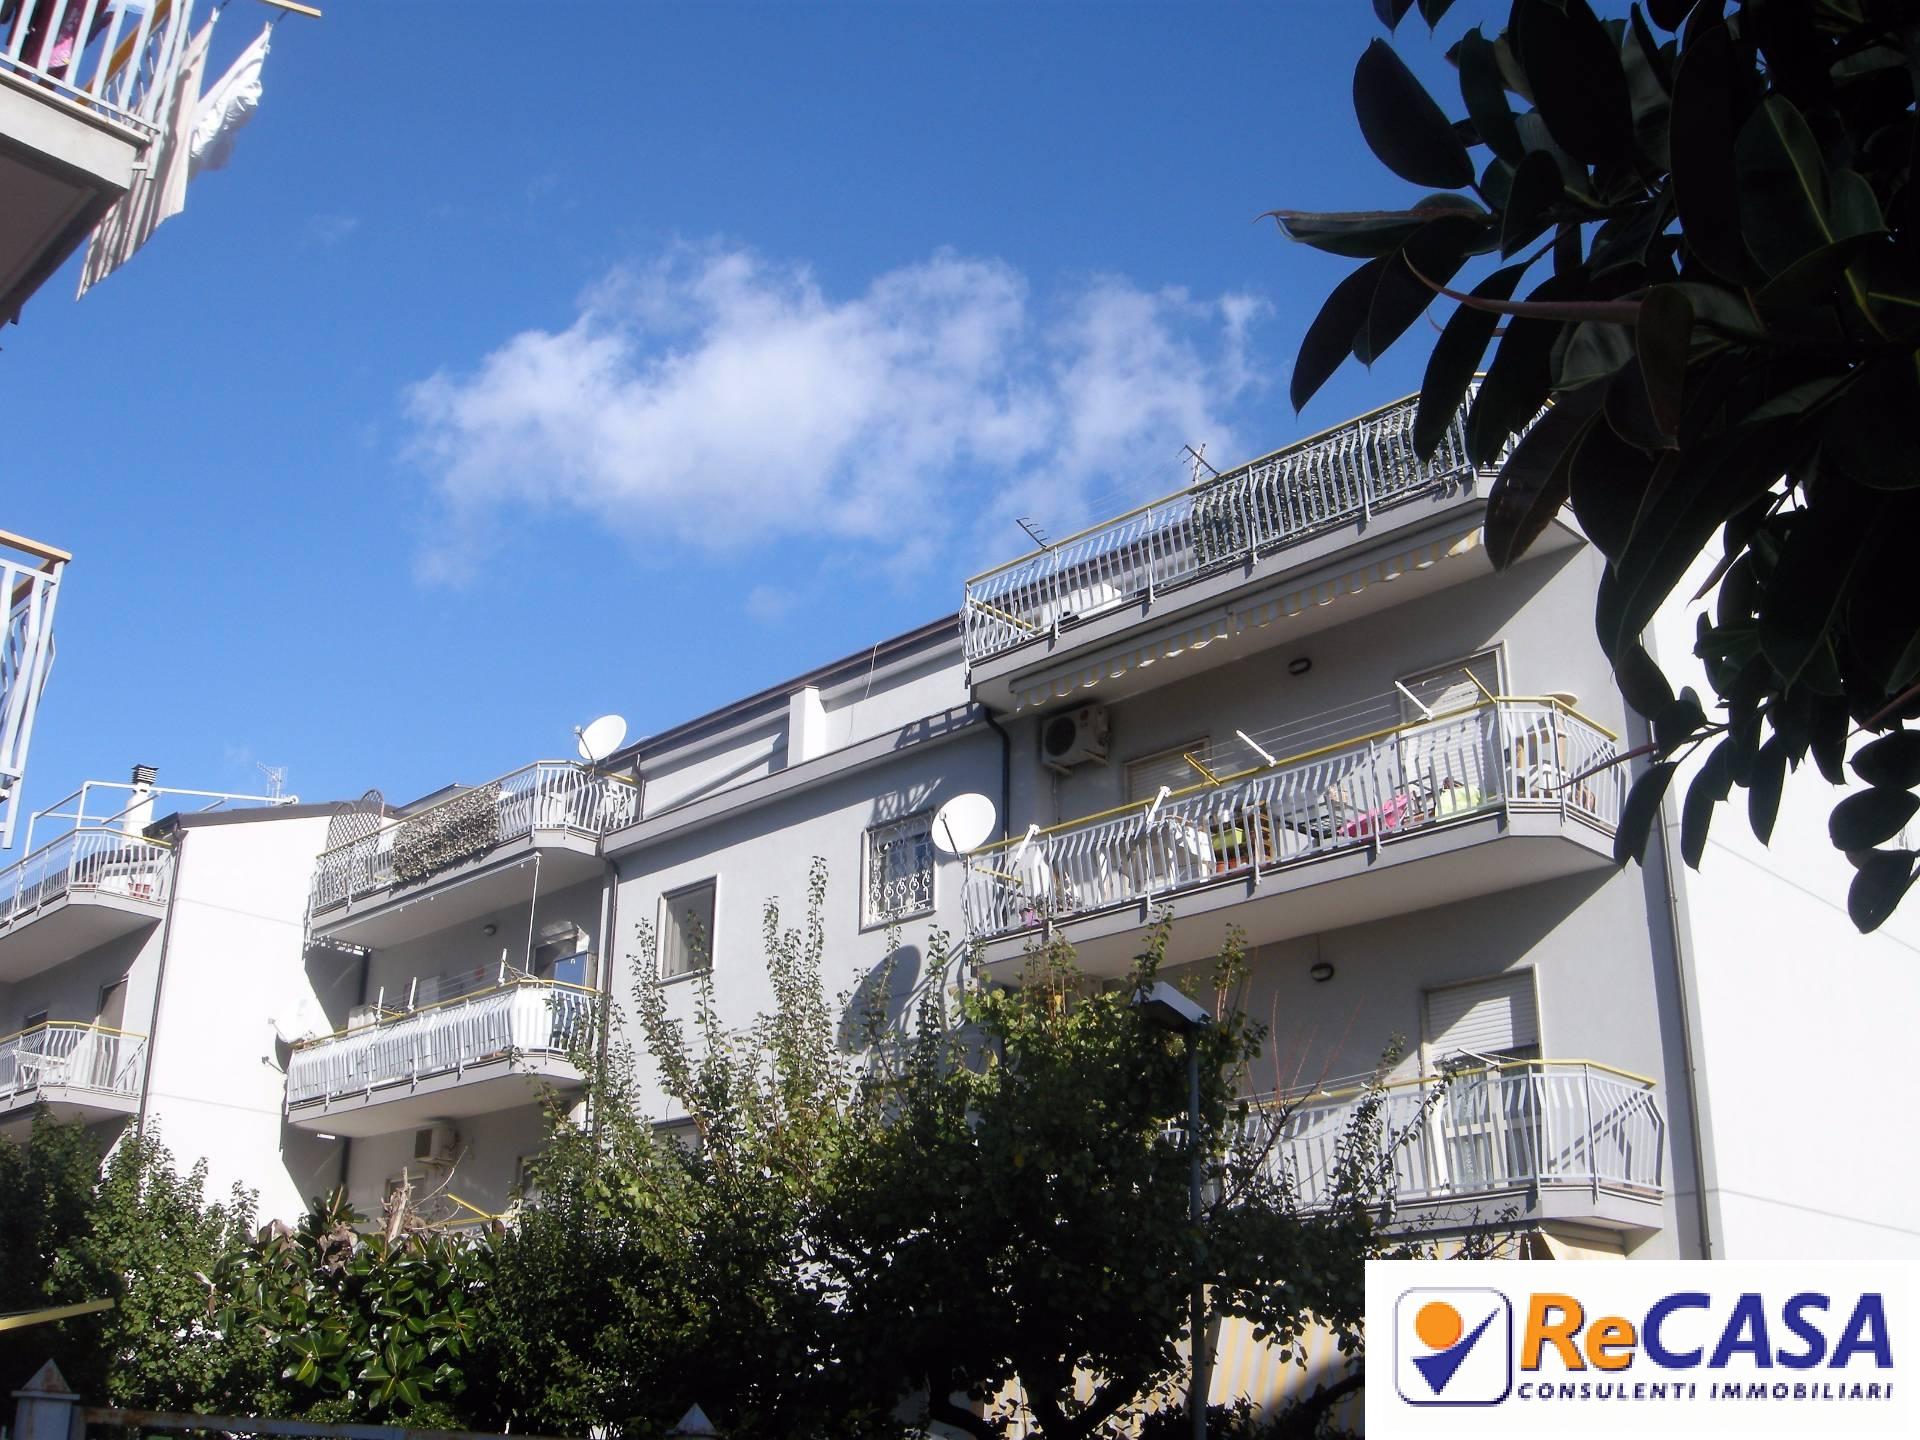 Appartamento in vendita a Montecorvino Pugliano, 3 locali, zona Località: BivioPratole, prezzo € 119.000 | CambioCasa.it